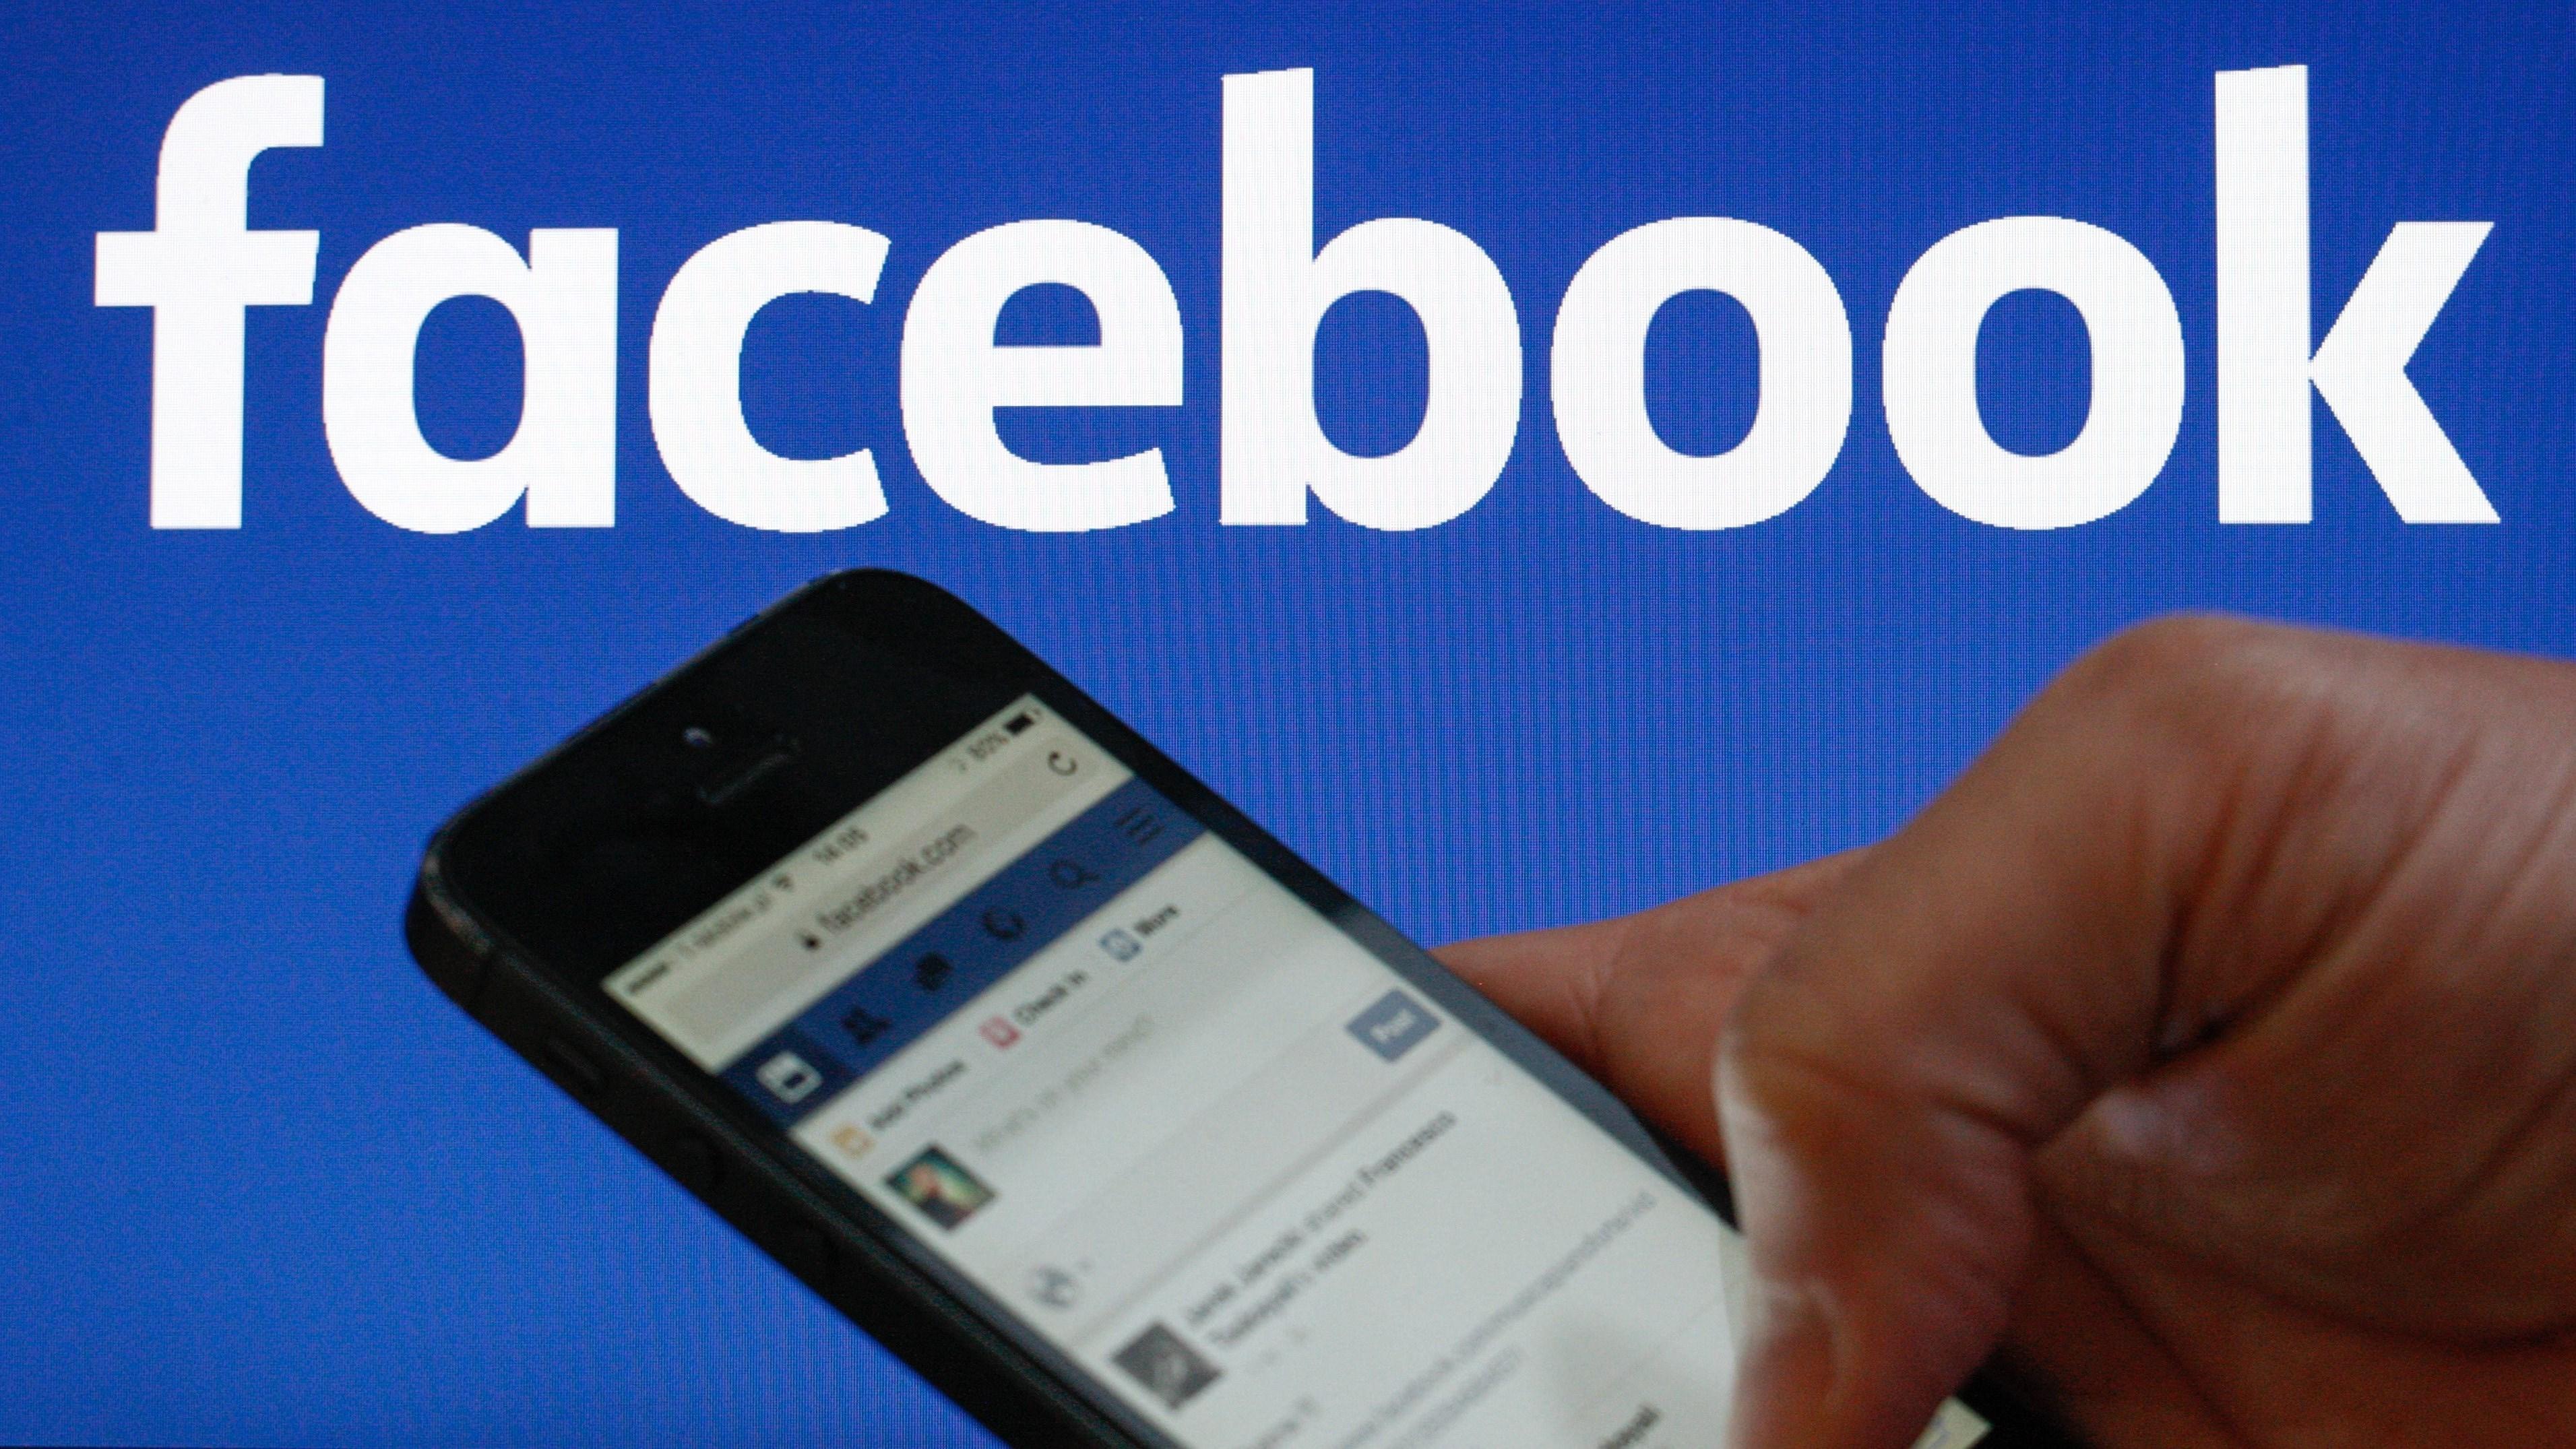 Điều gì đã xảy ra với Facebook và bạn cần làm gì để bảo vệ tài khoản? Ảnh 1